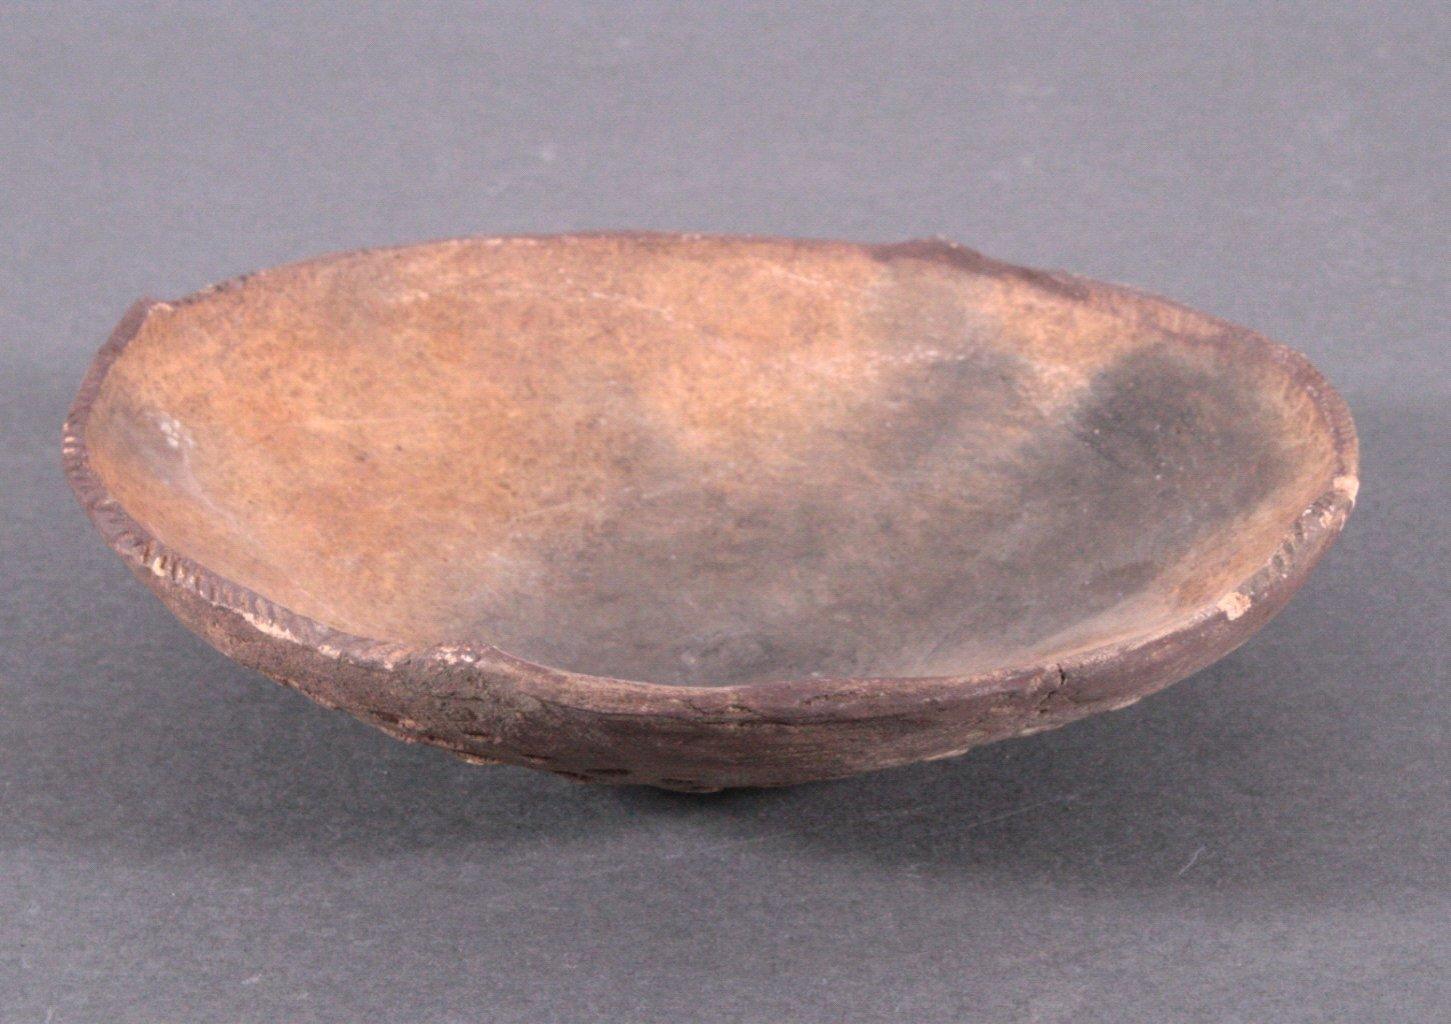 Runde Schale, Lausitzer Kultur – 900- 500 v. Chr.